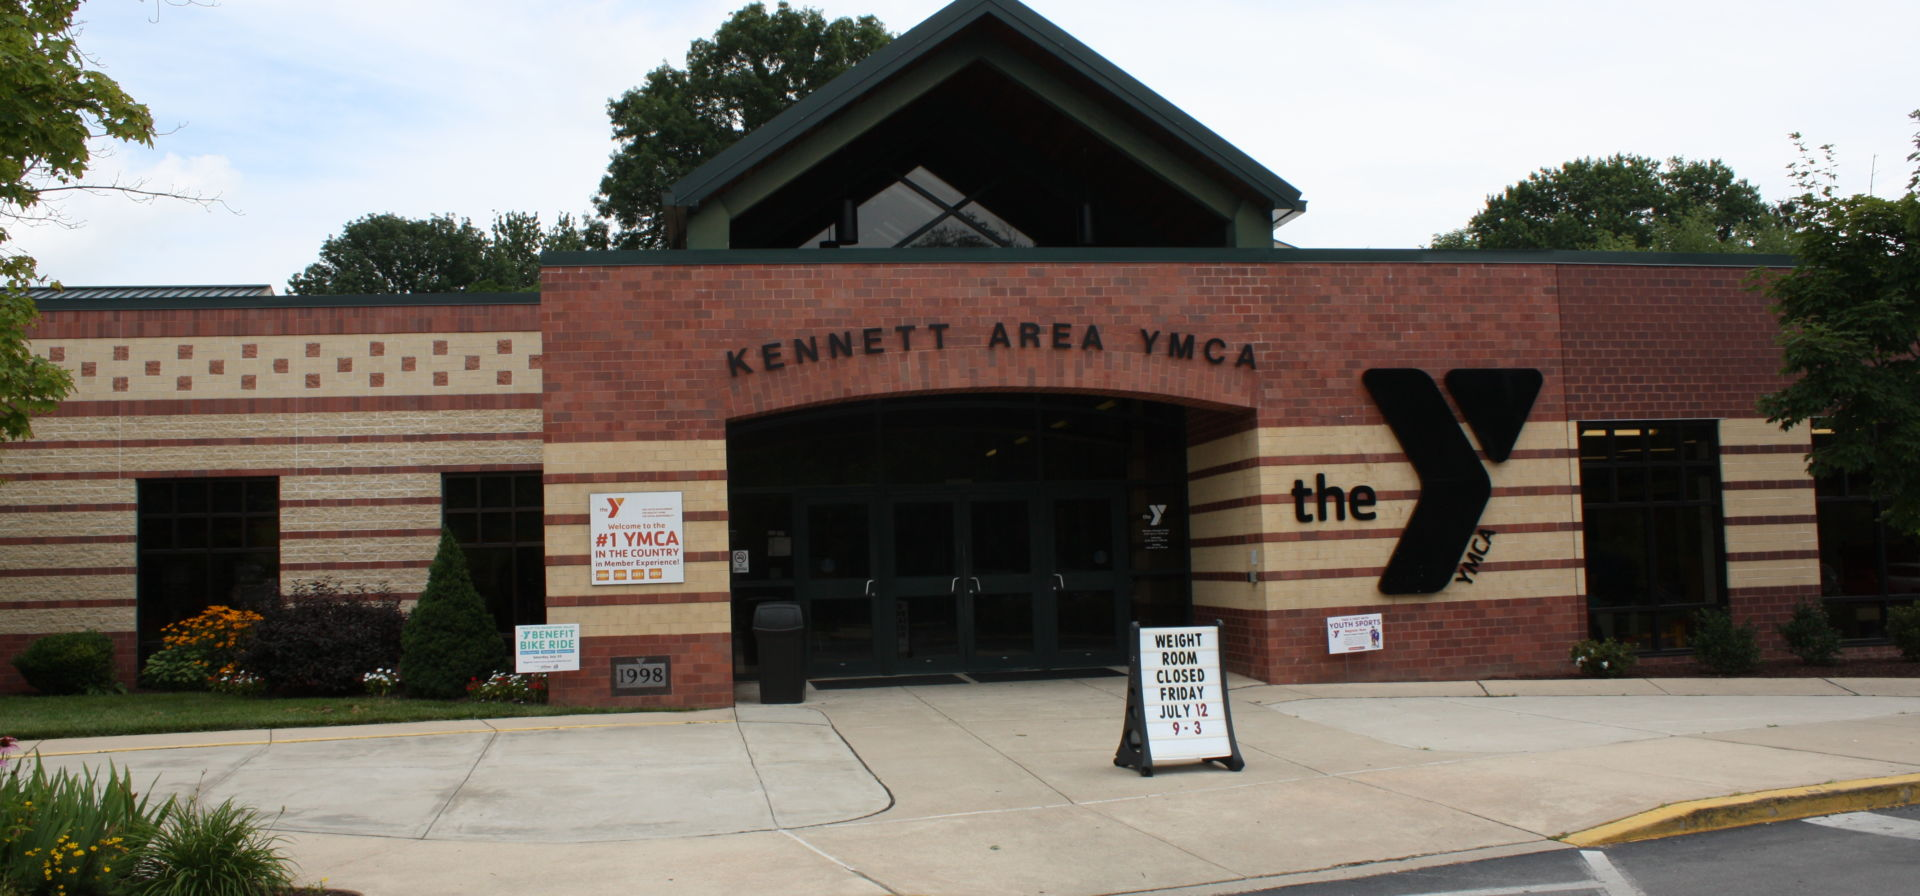 The Kennett Area YMCA